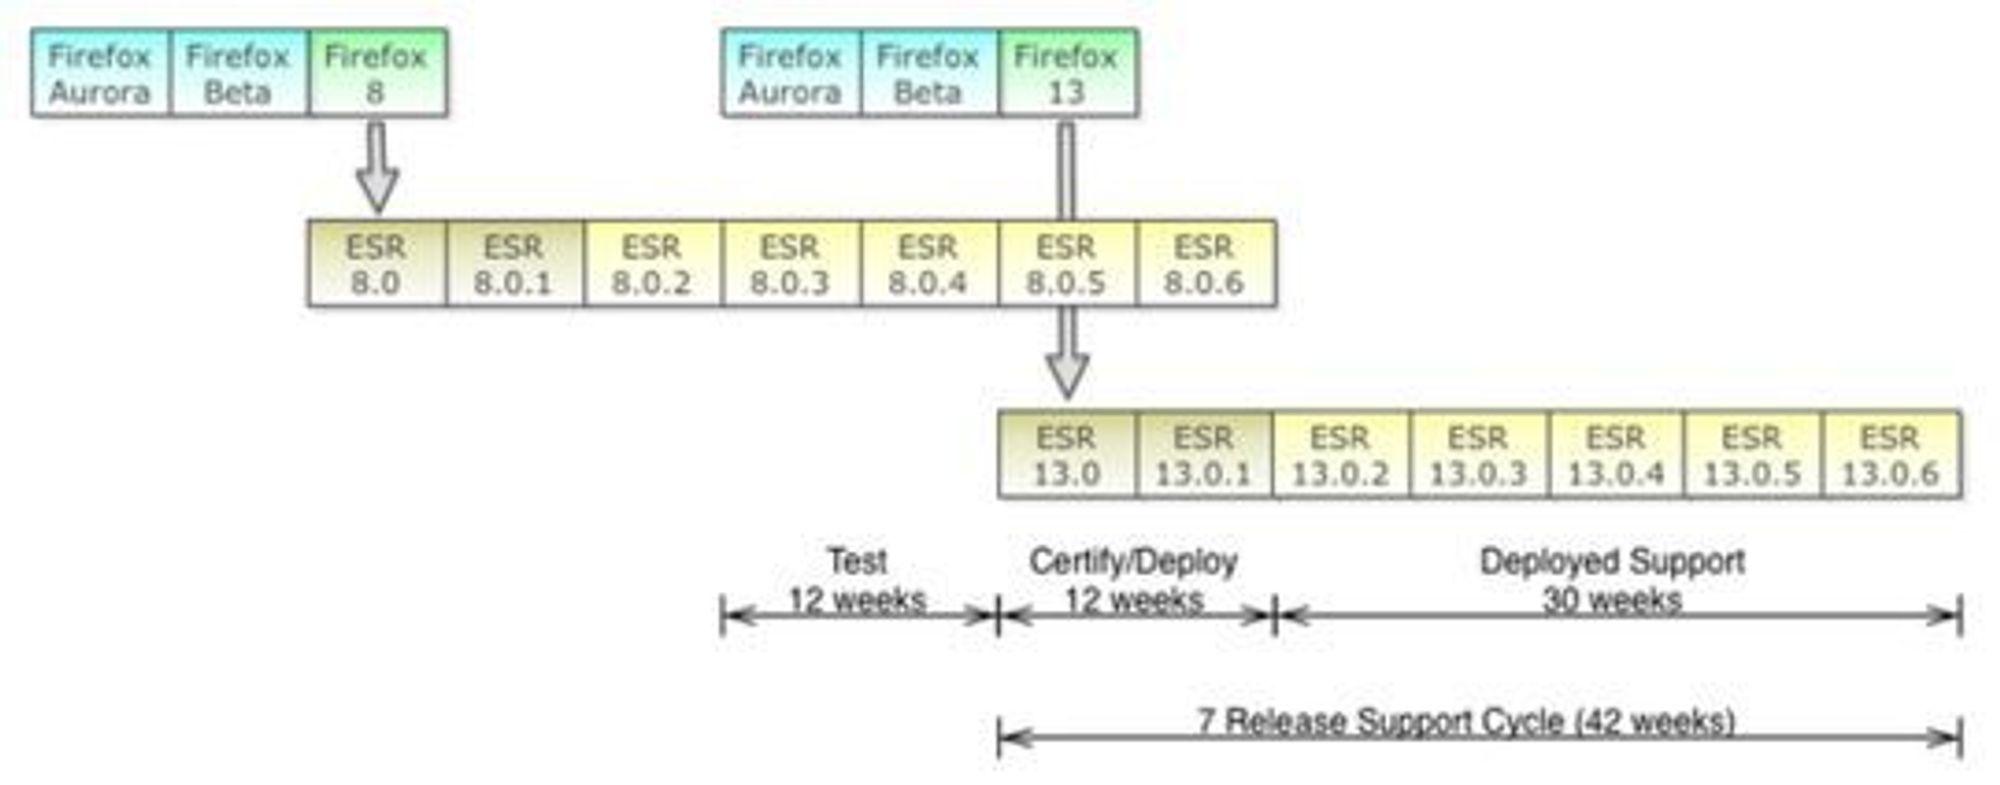 Foreslått syklus for utgivelse av Firefox ESR.